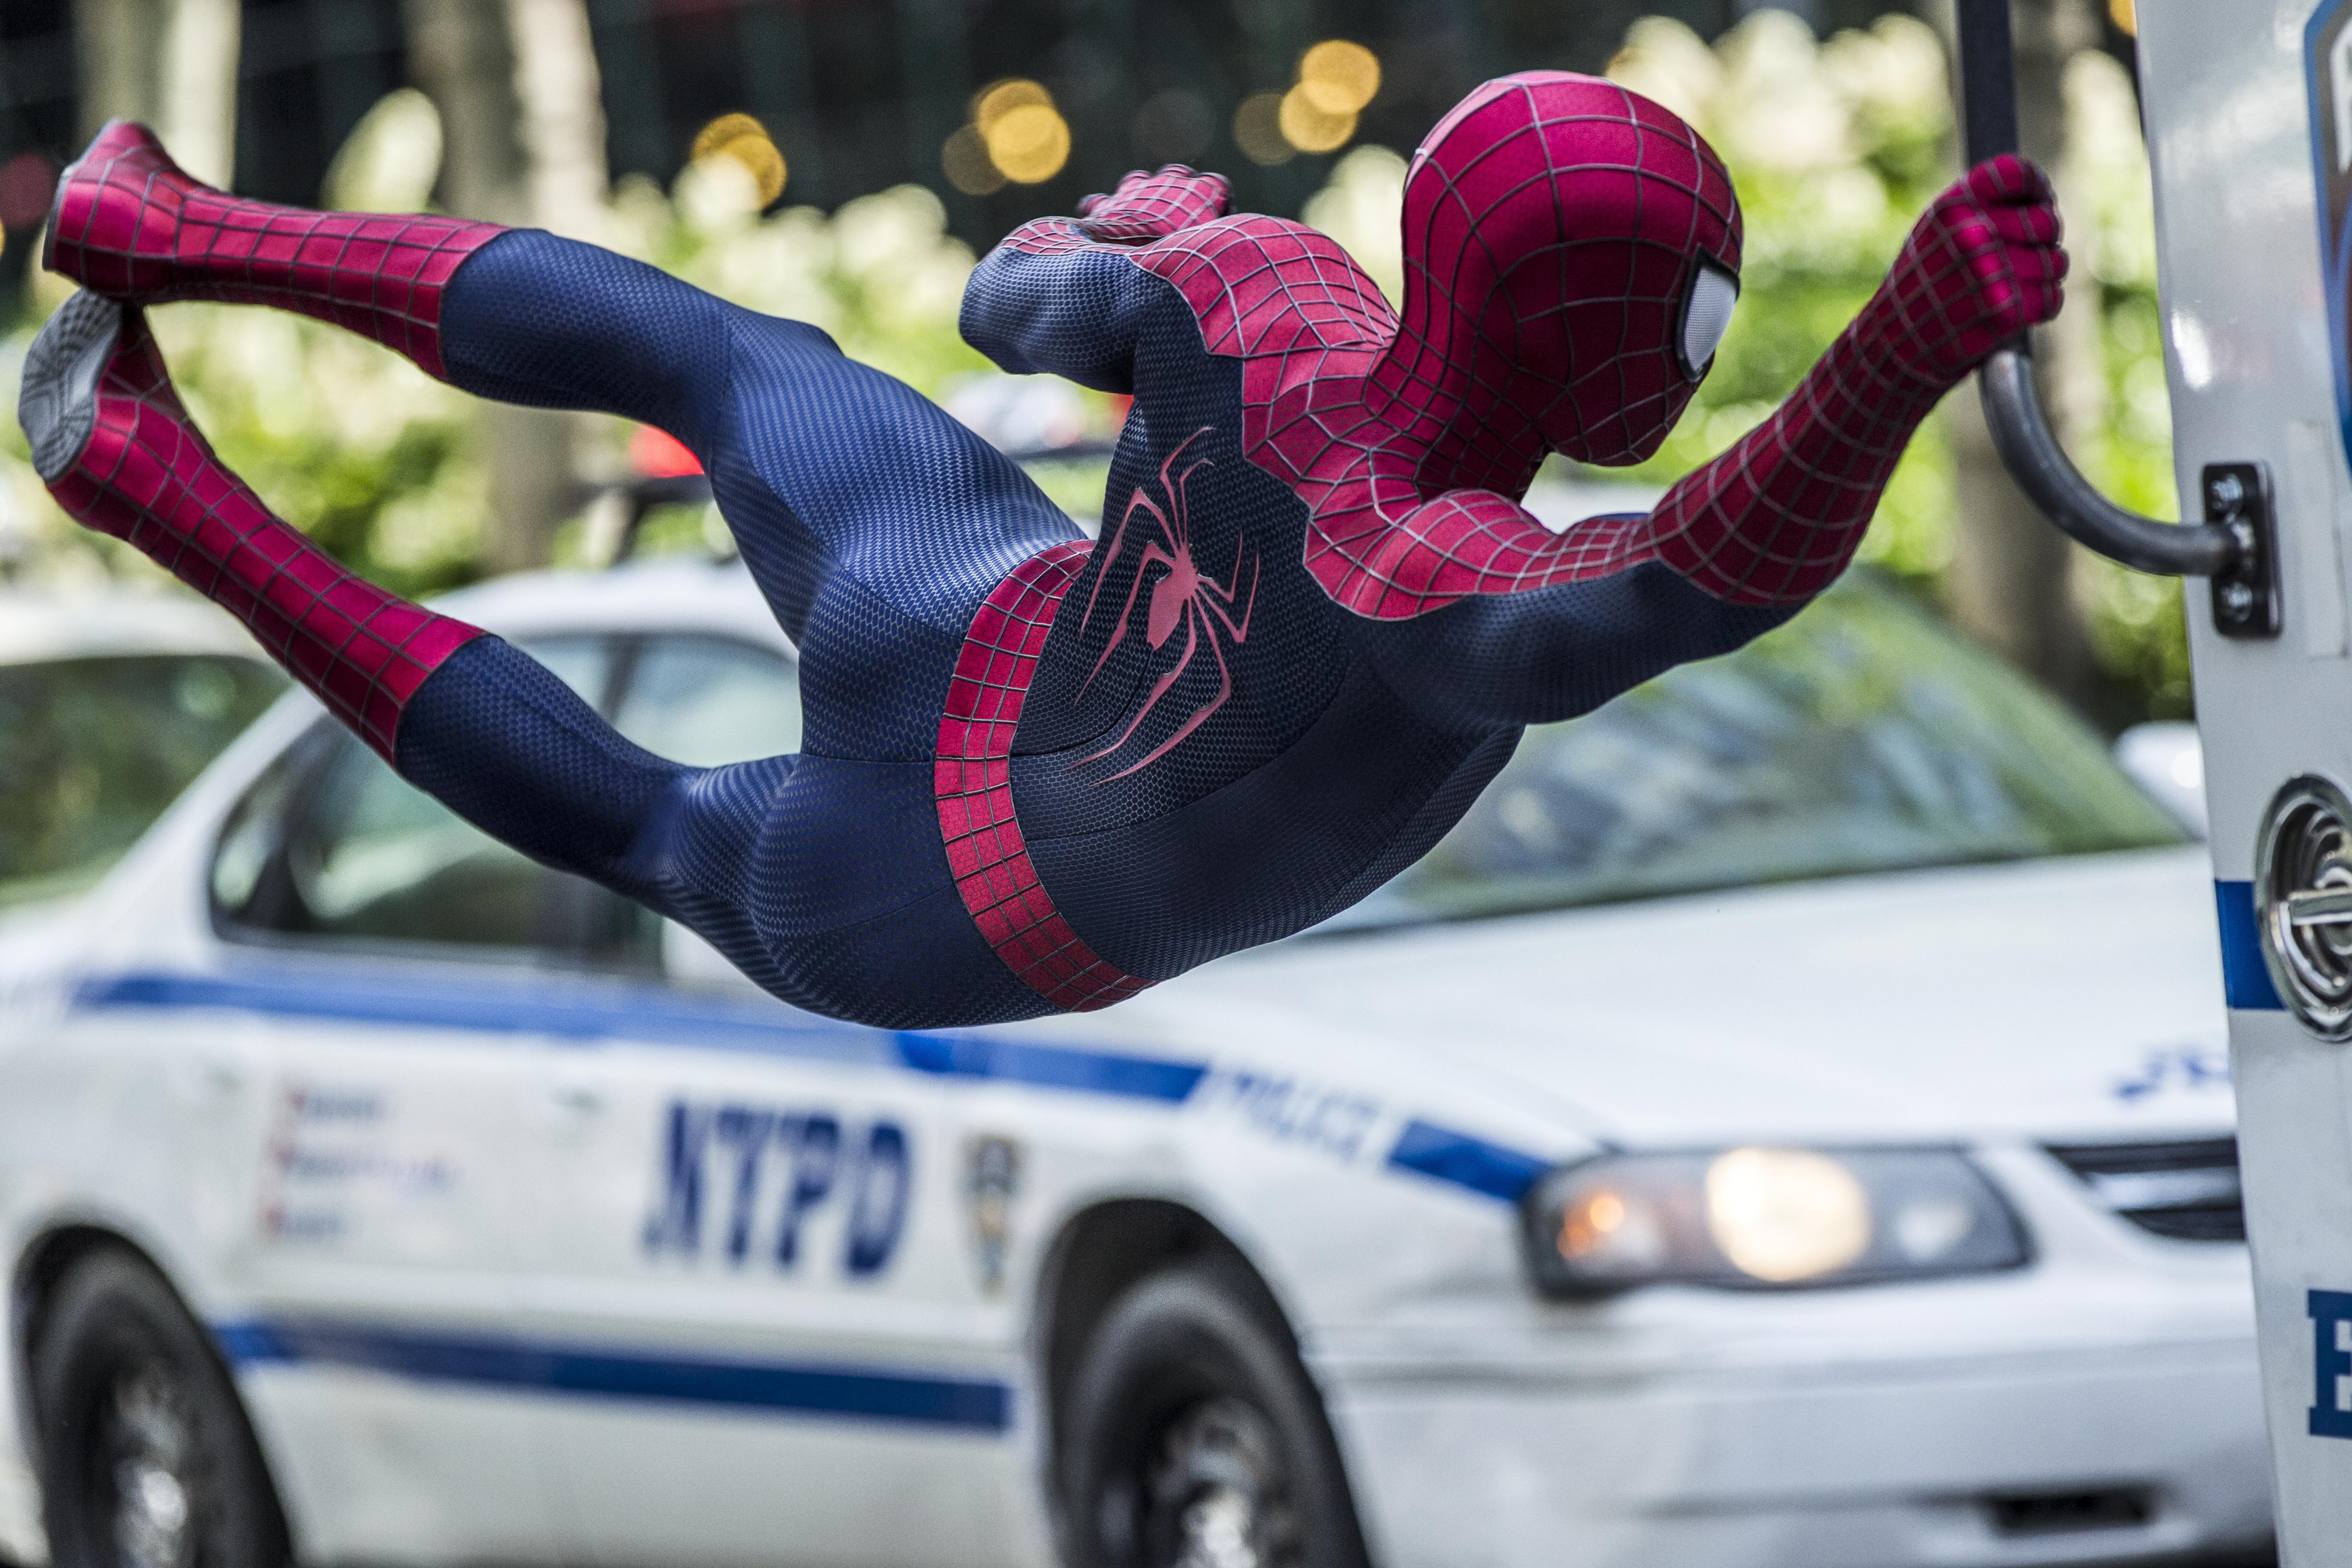 Человек паук высокое напряжение смотреть онлайн в хорошем качестве 12 фотография